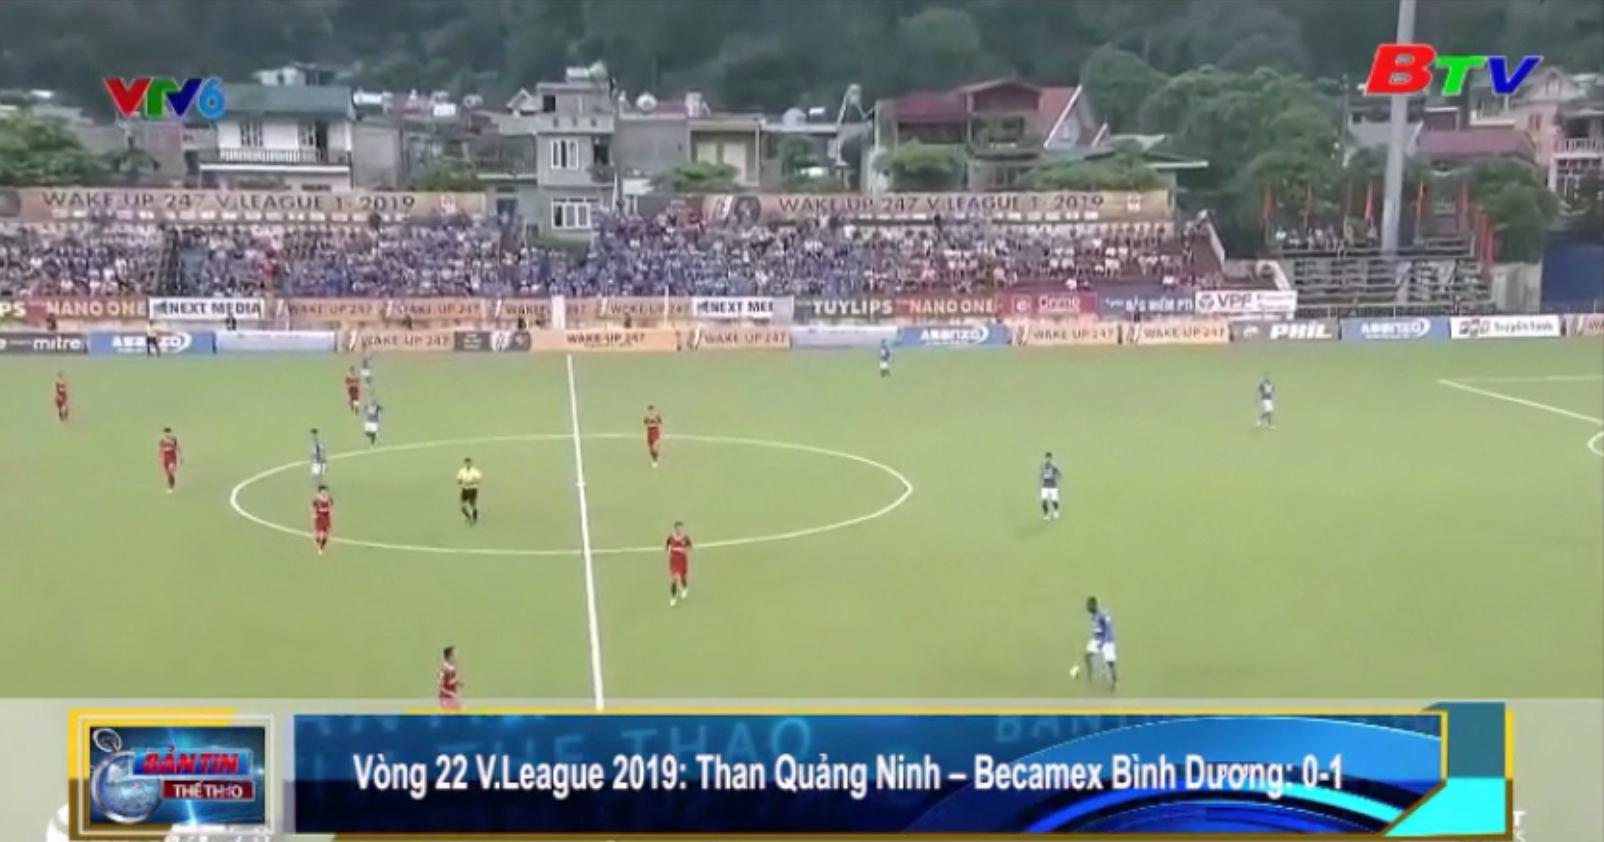 Becamex Bình Dương thắng Than Quảng Ninh 1-0, vòng 22 V.League